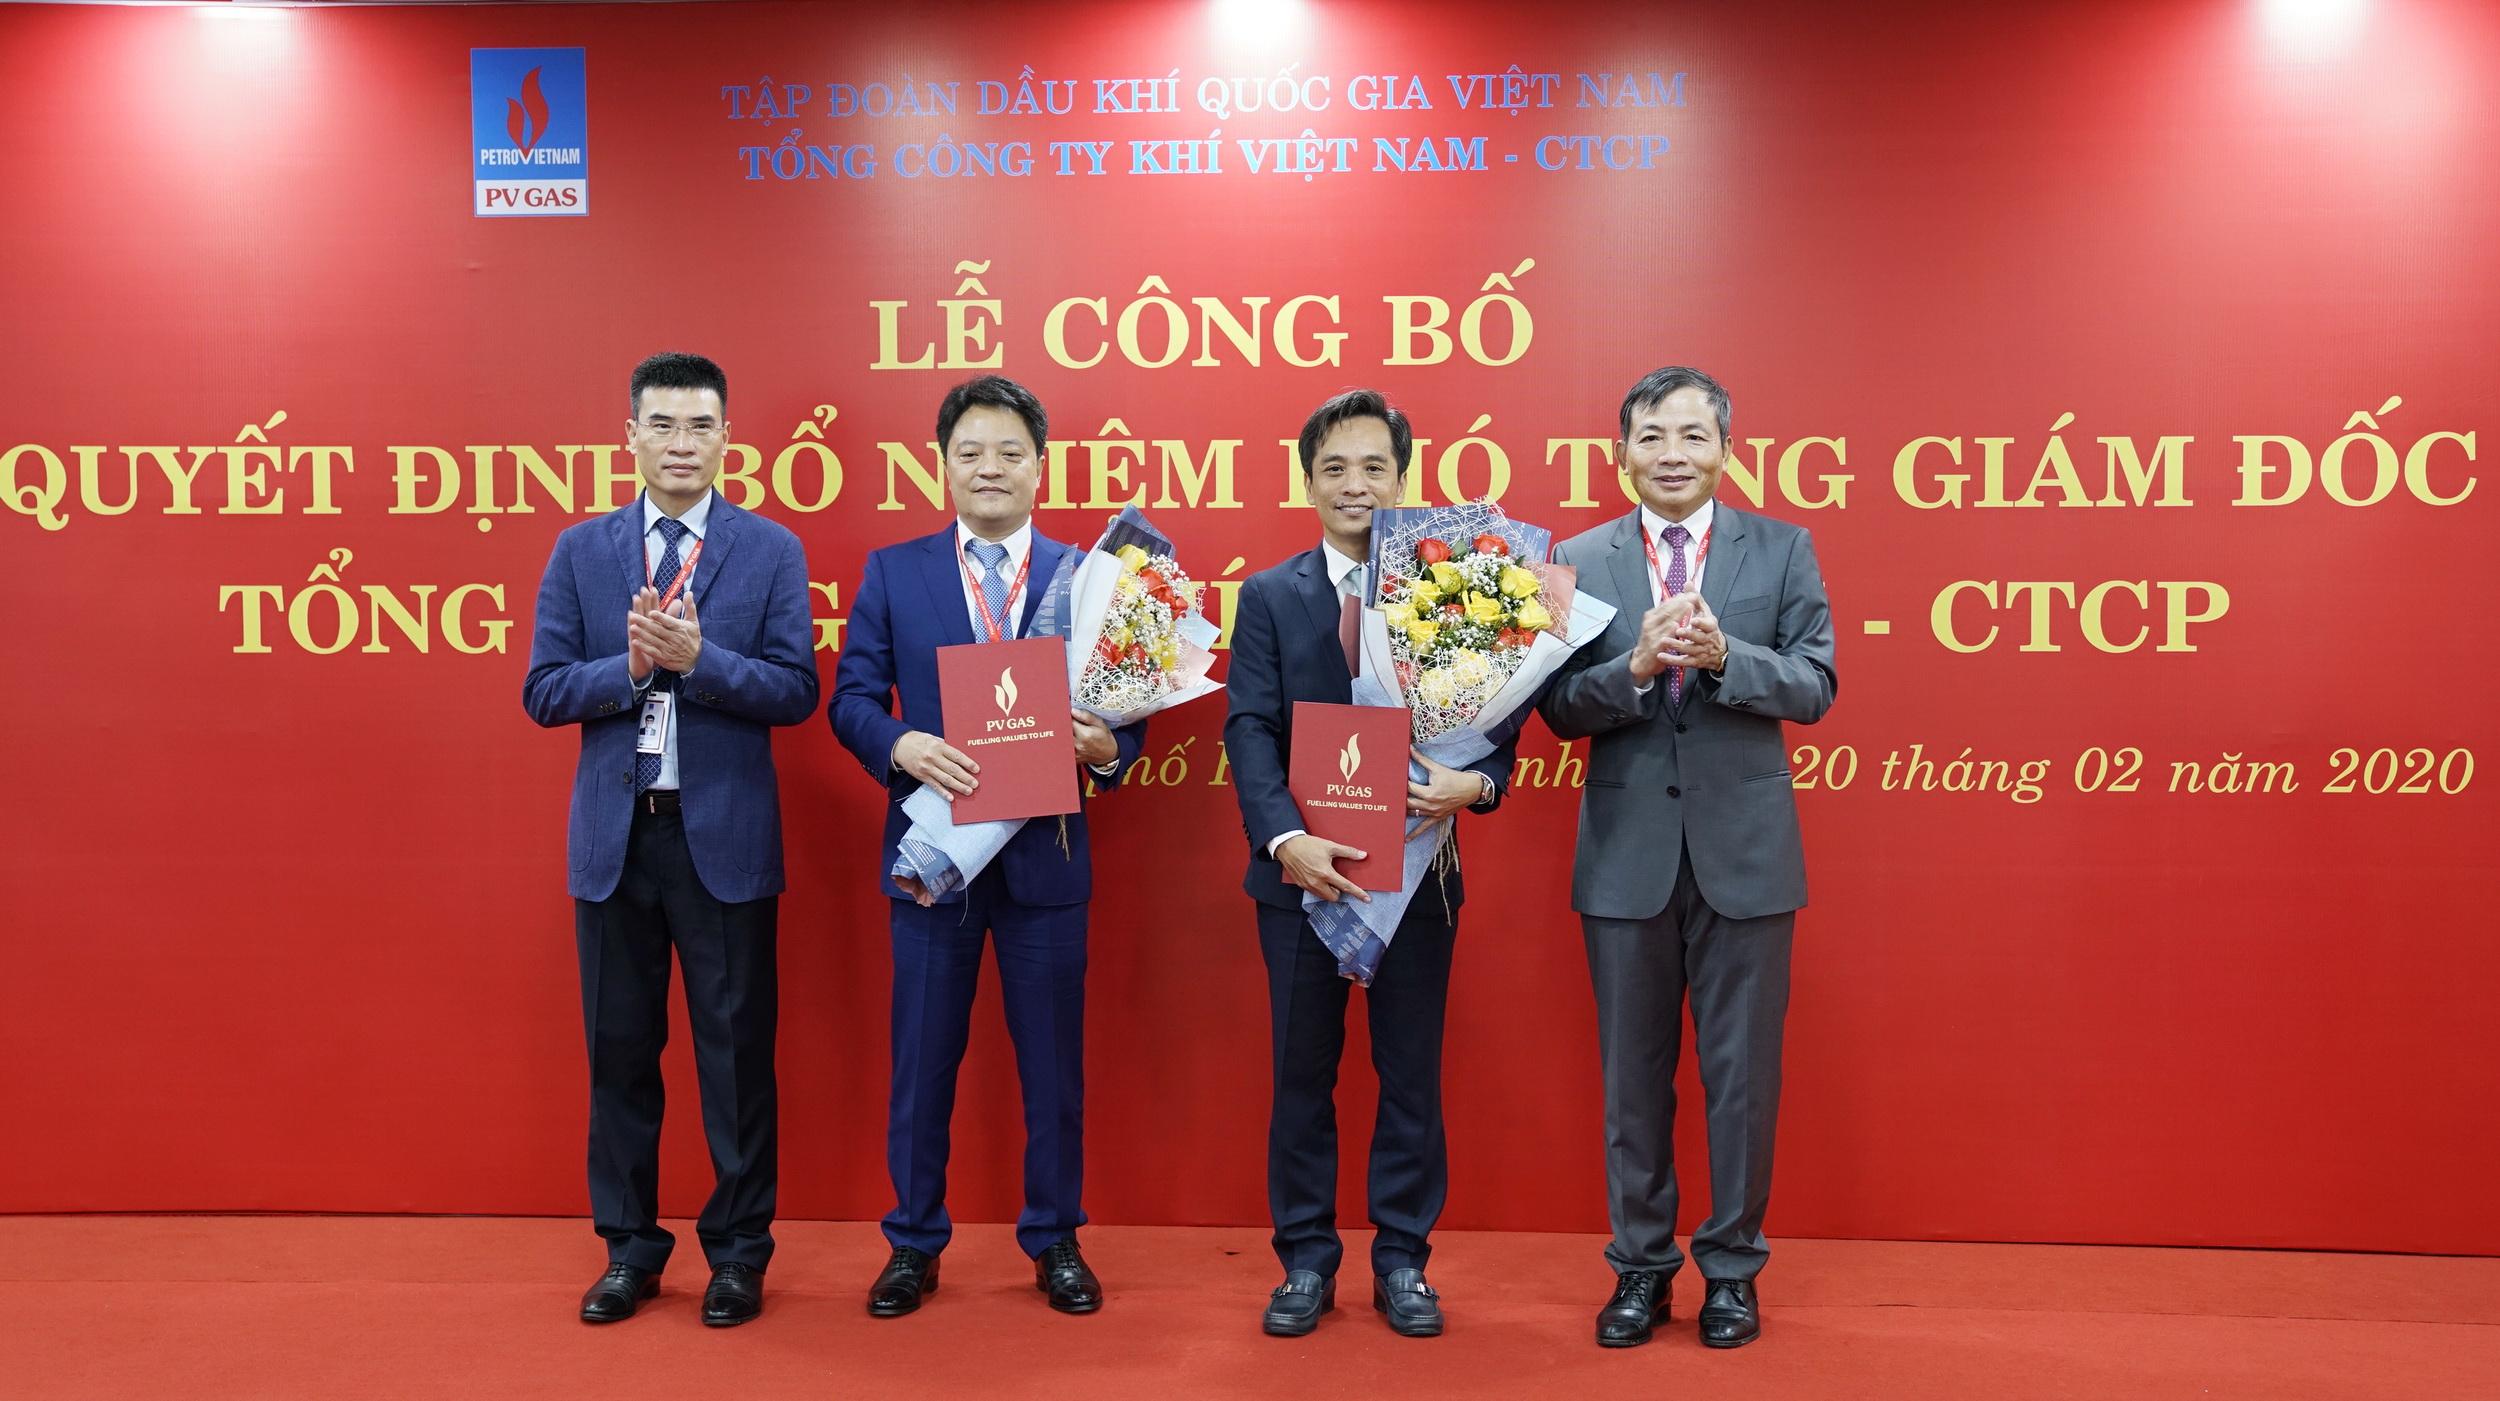 PV Gas bổ nhiệm 2 Phó Tổng giám đốc